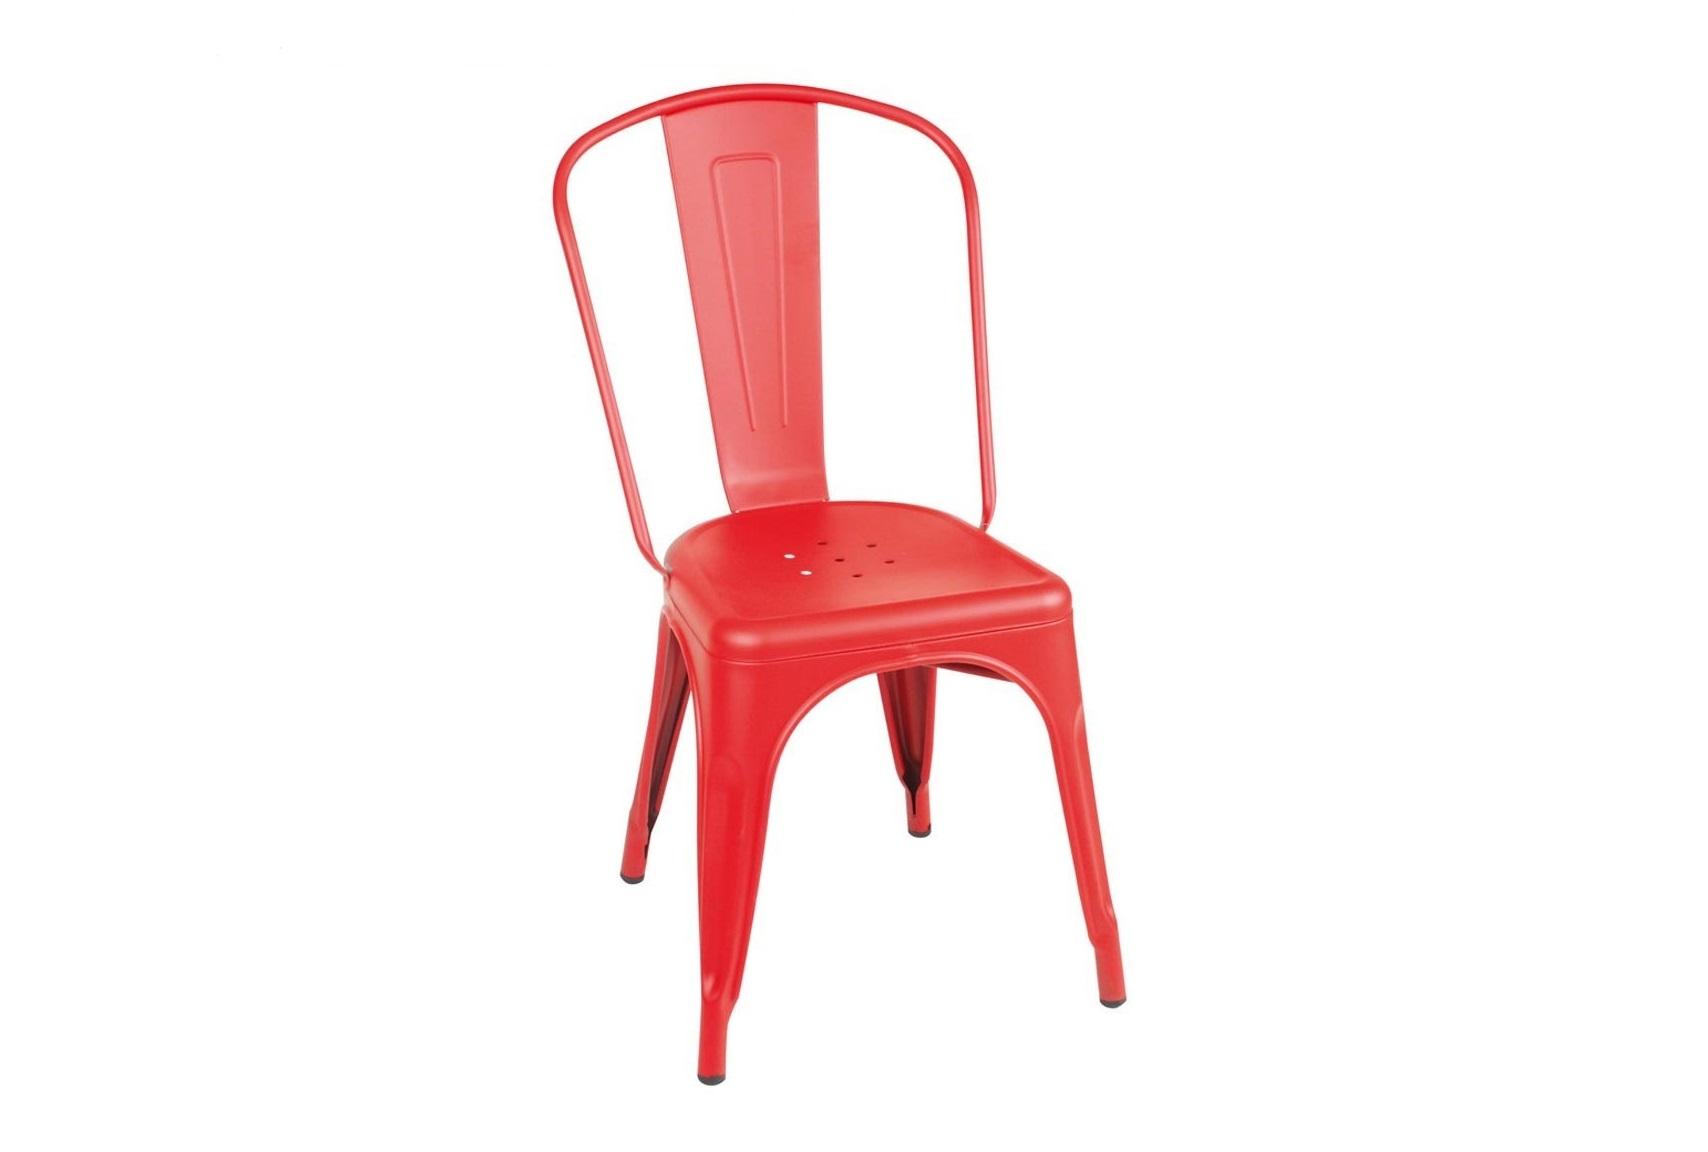 Стул San Antonio de PaduaОбеденные стулья<br><br><br>Material: Металл<br>Length см: None<br>Width см: 48<br>Depth см: 45<br>Height см: 85